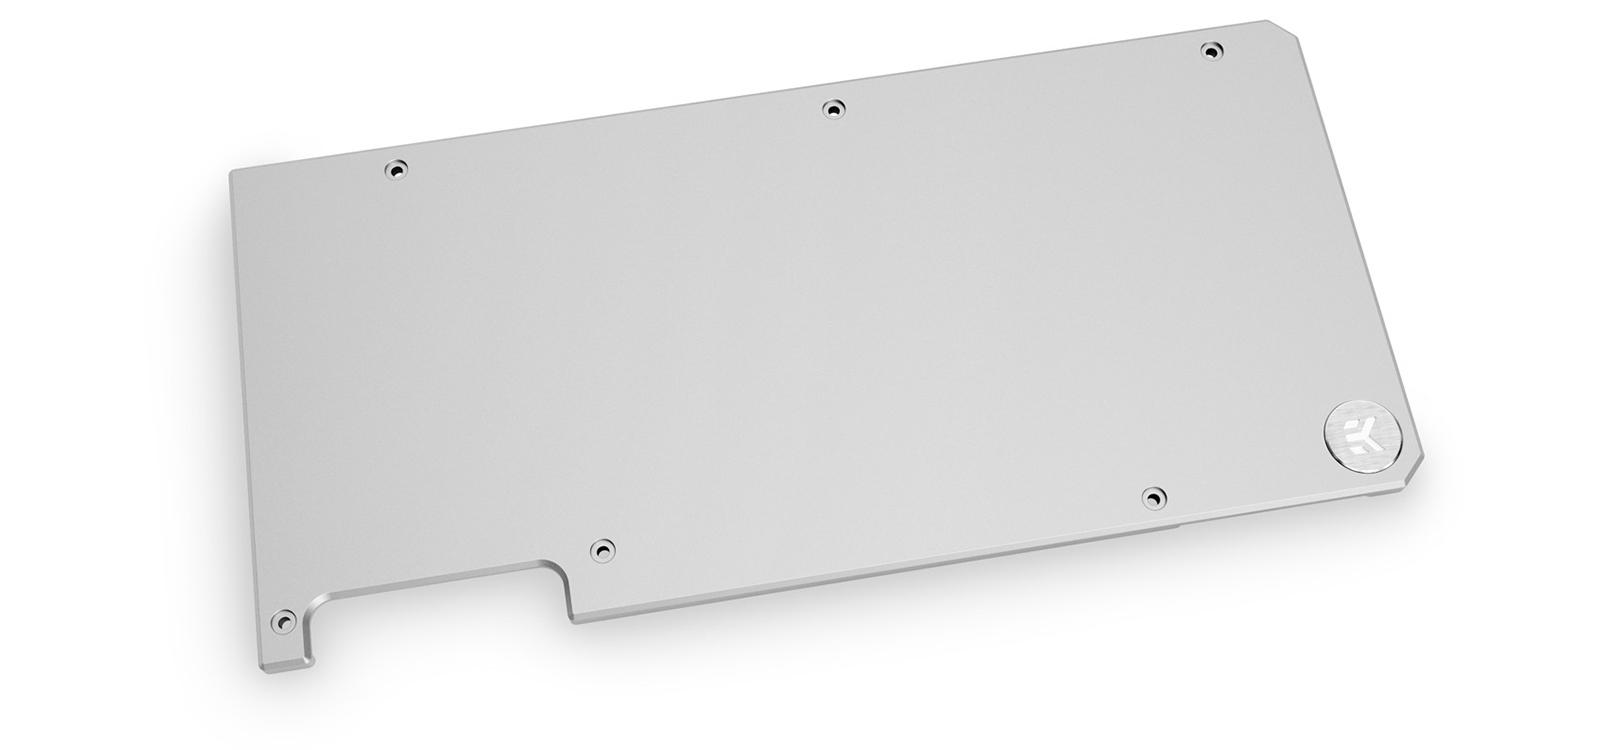 EK-Quantum Vector TUF RTX 3080/3090 Backplate - Nickel2